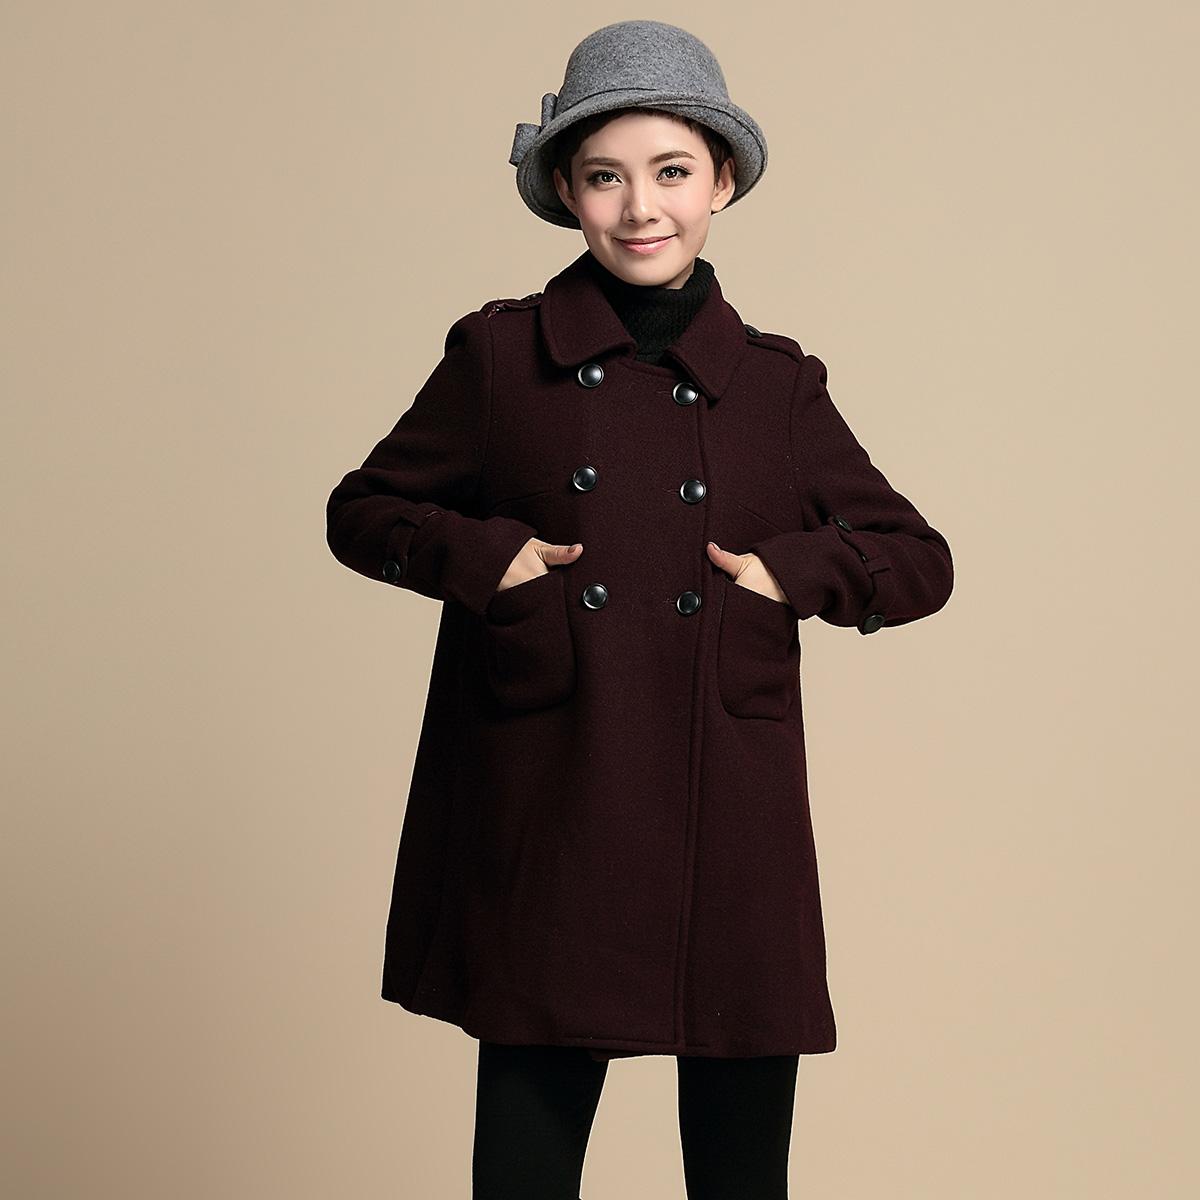 原创品牌女装中老年冬装 羊毛呢外套大衣中长款女韩版2014新款潮